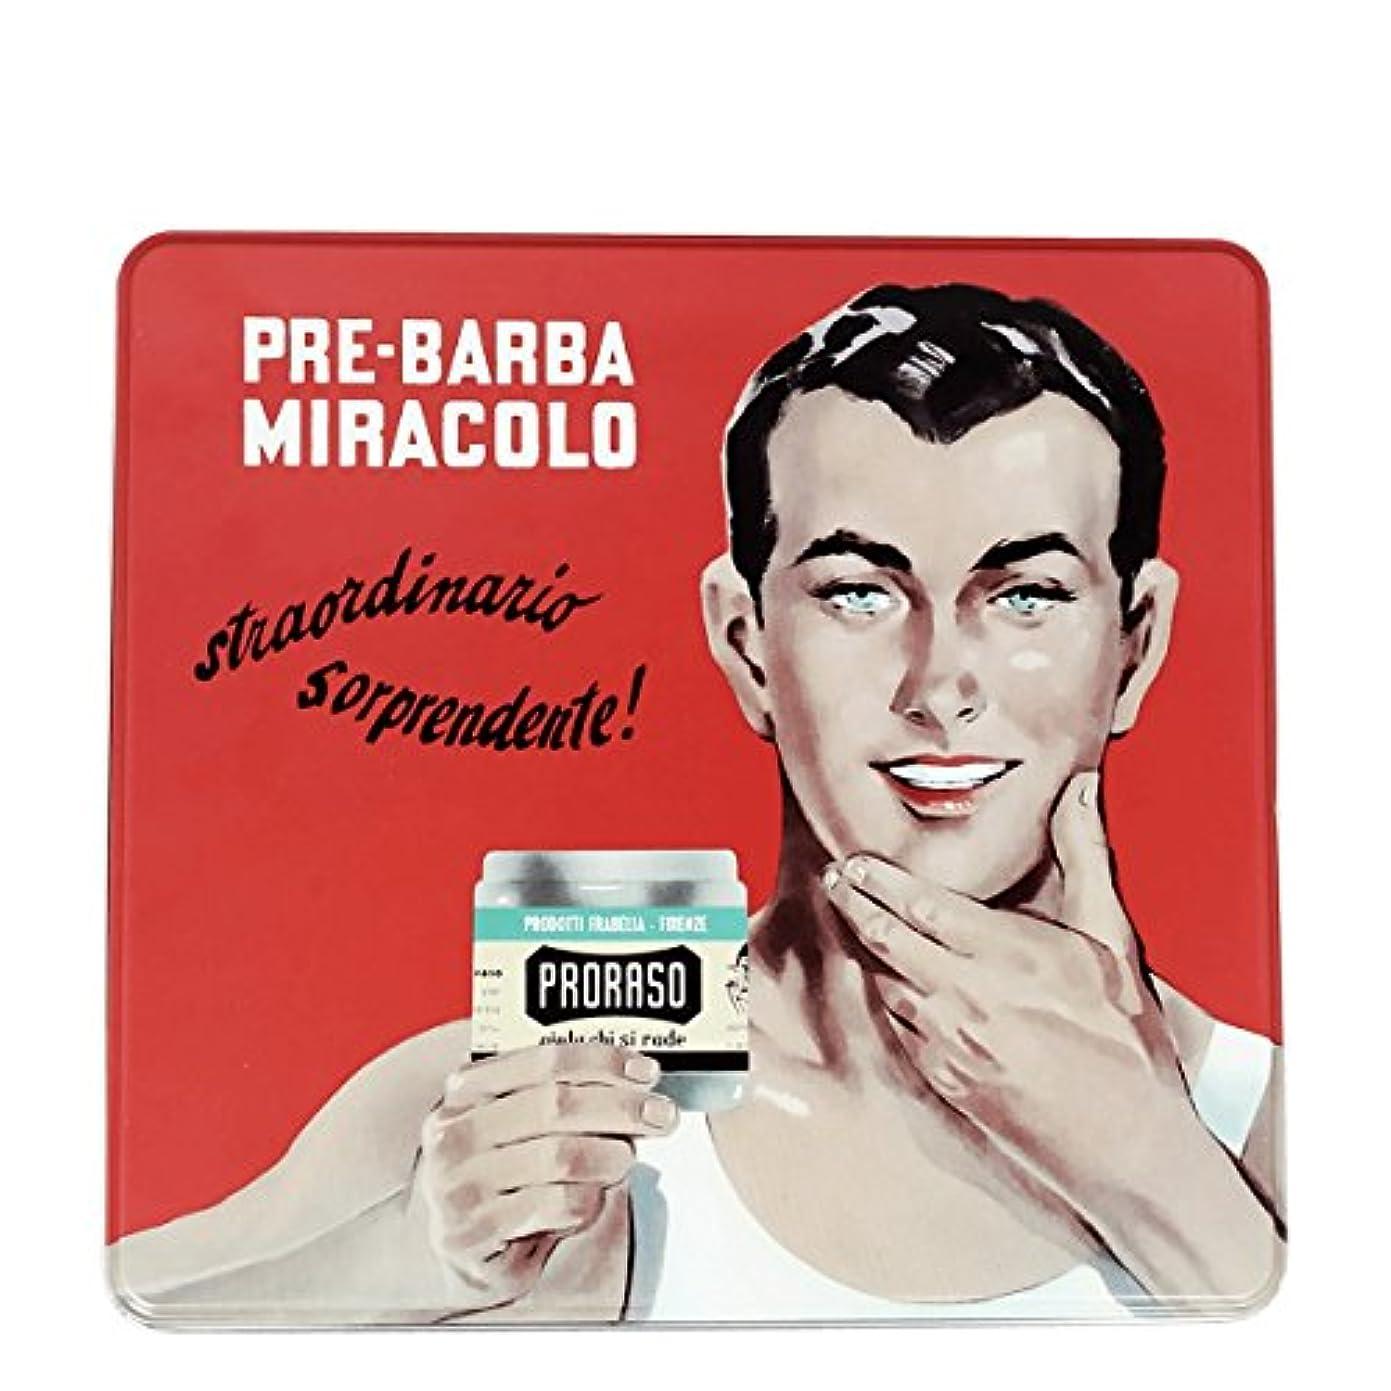 分泌するルアー憂鬱なProraso ジーノ ヴィンテージ リフレッシュ セレクション 缶[海外直送品] [並行輸入品]